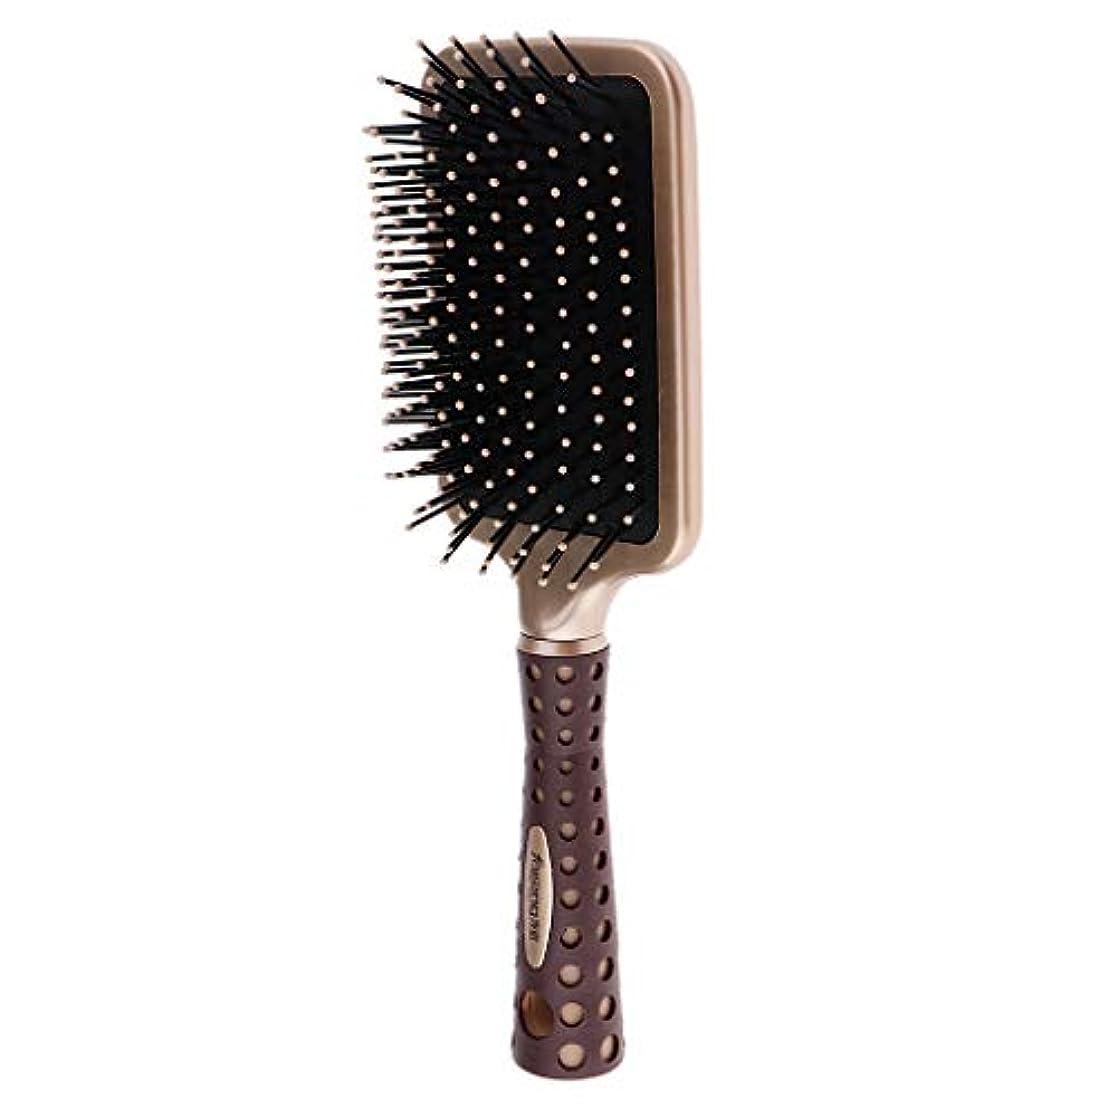 ゴミ箱を空にする栄光のストラップ静電防止櫛 クッションヘアブラシ 頭皮マッサージ コーム 2サイズ選べ - L